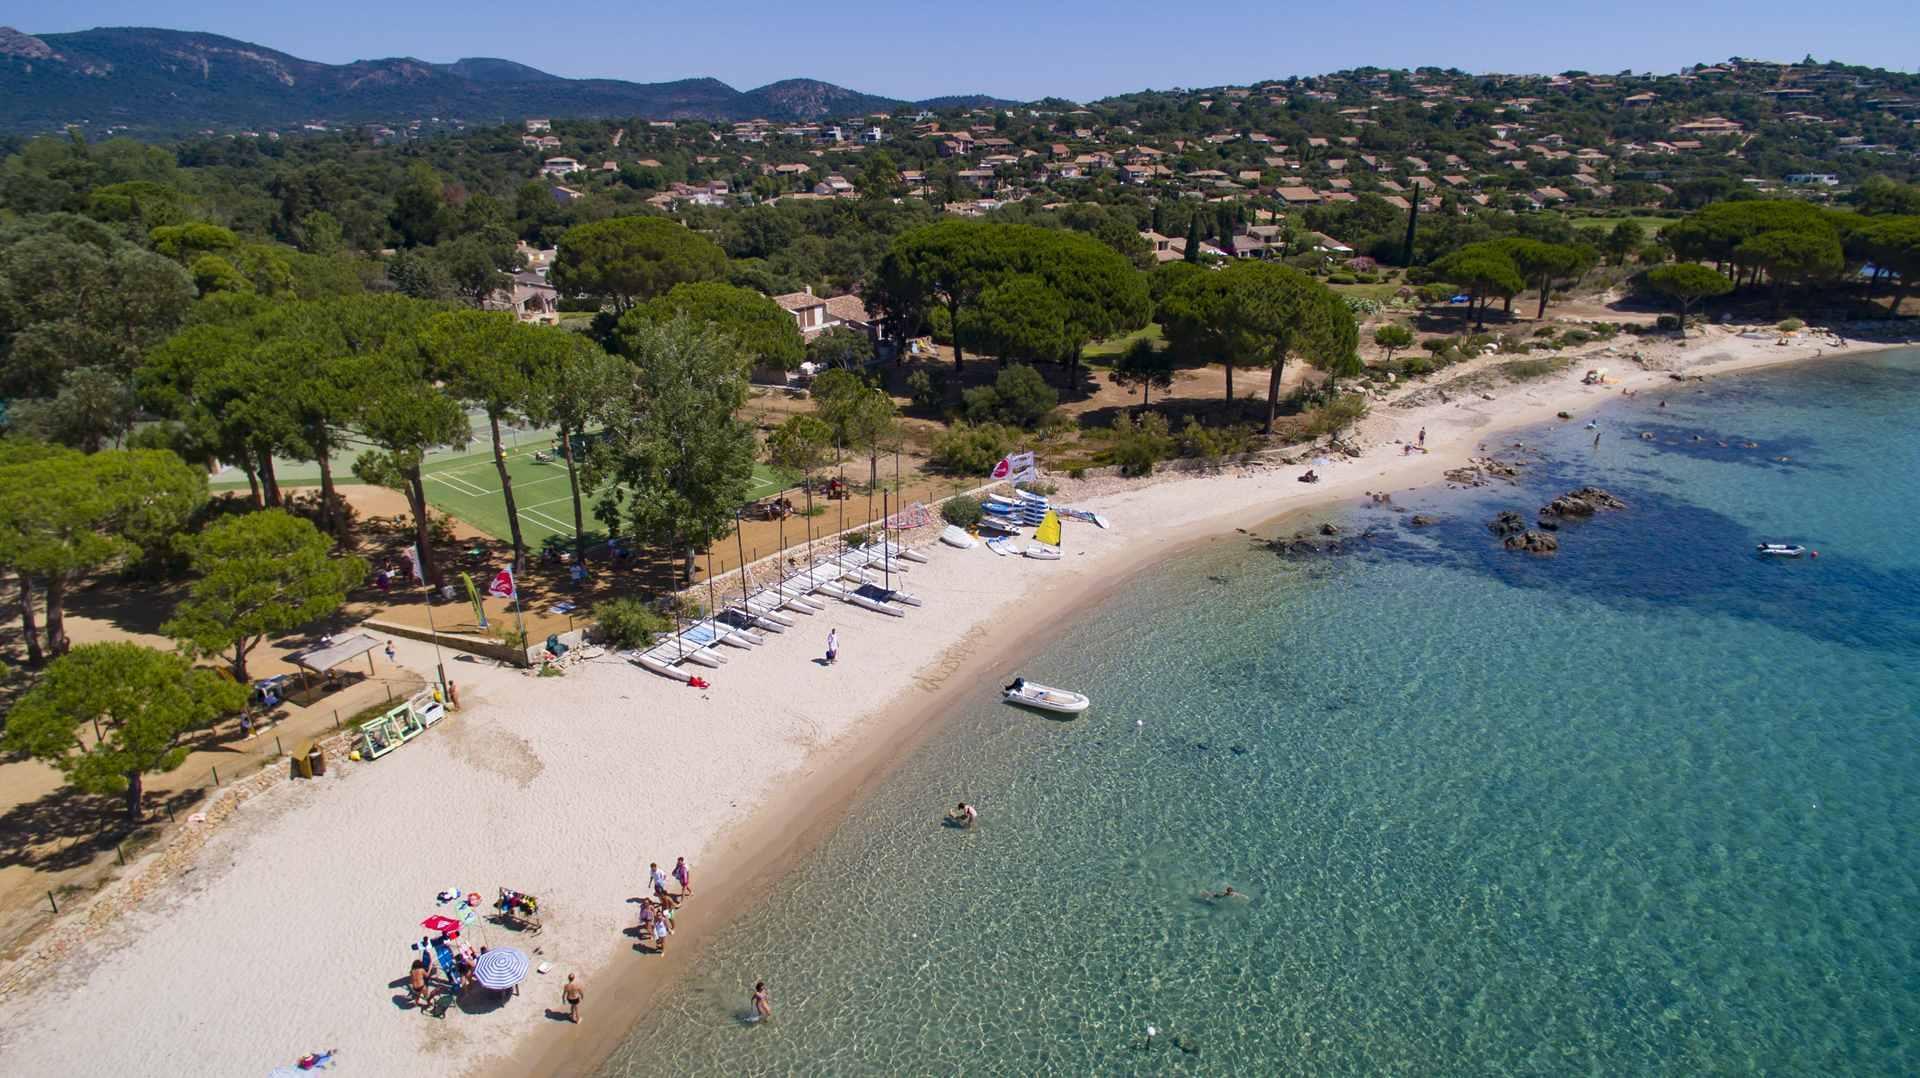 Village Vacances Kallisterra